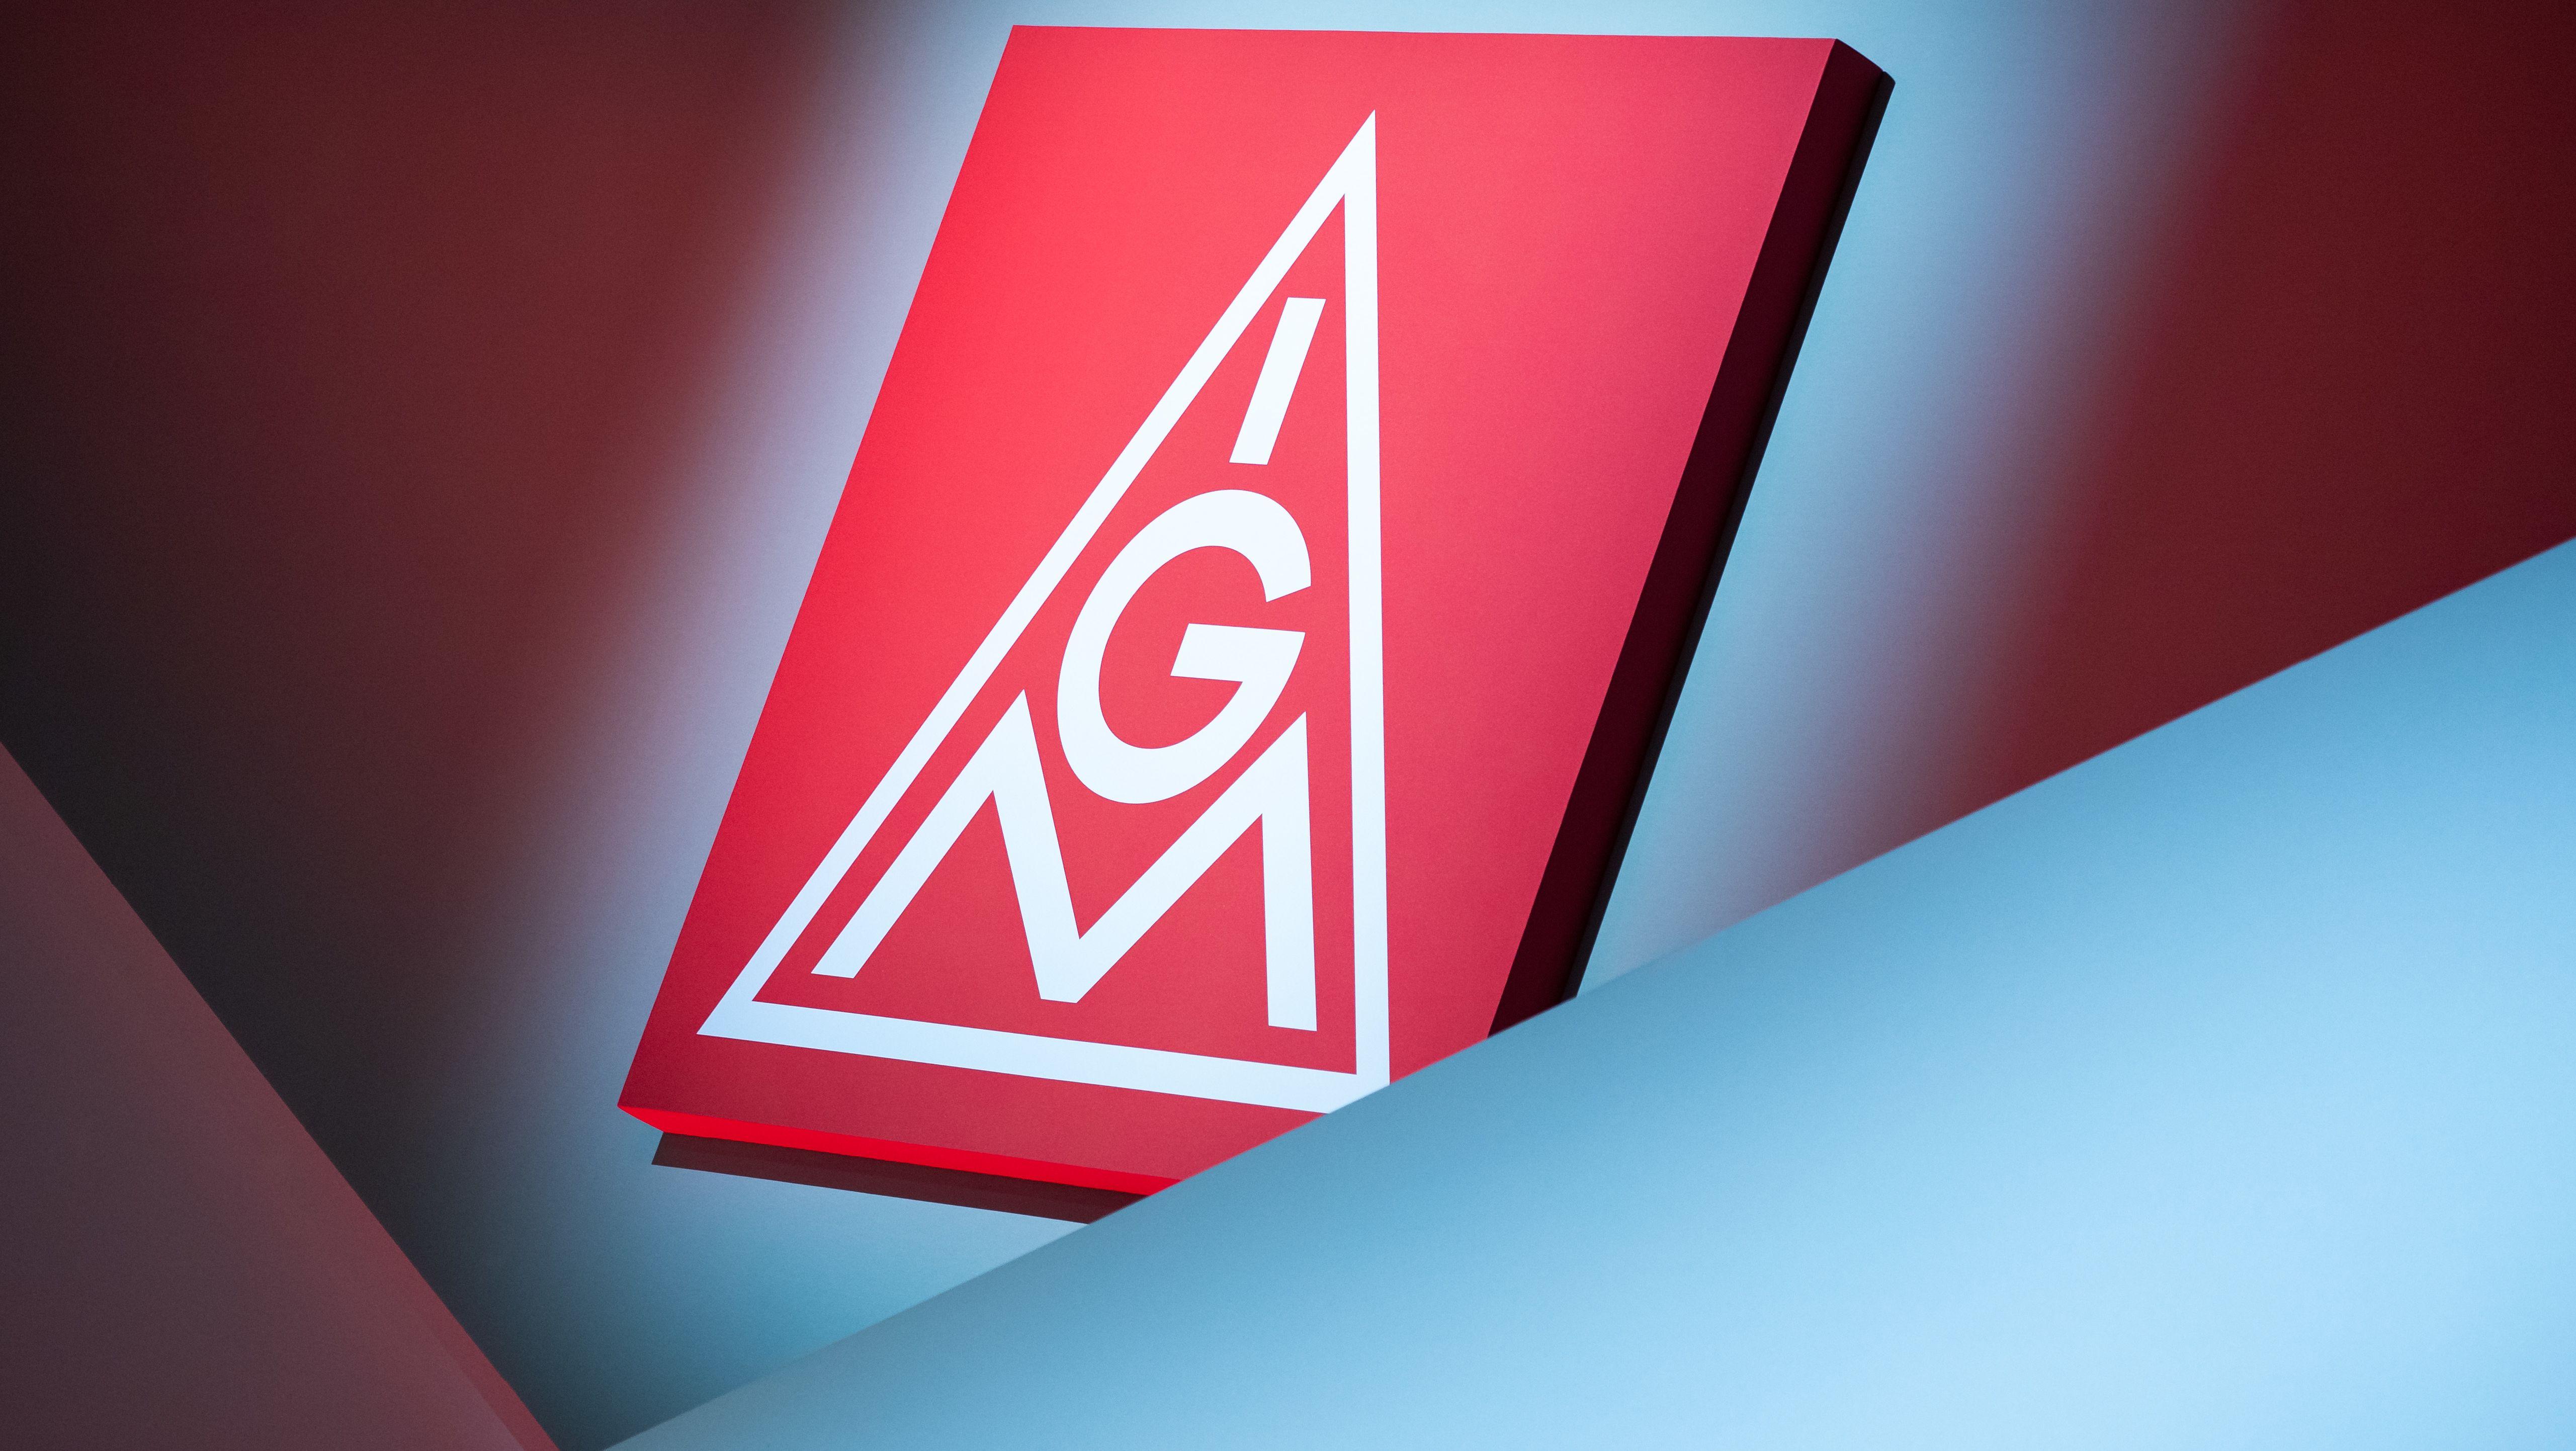 Das Logo der IG Metall hängt über der Bühne beim ordentlichen Gewerkschaftstag der IG Metall.